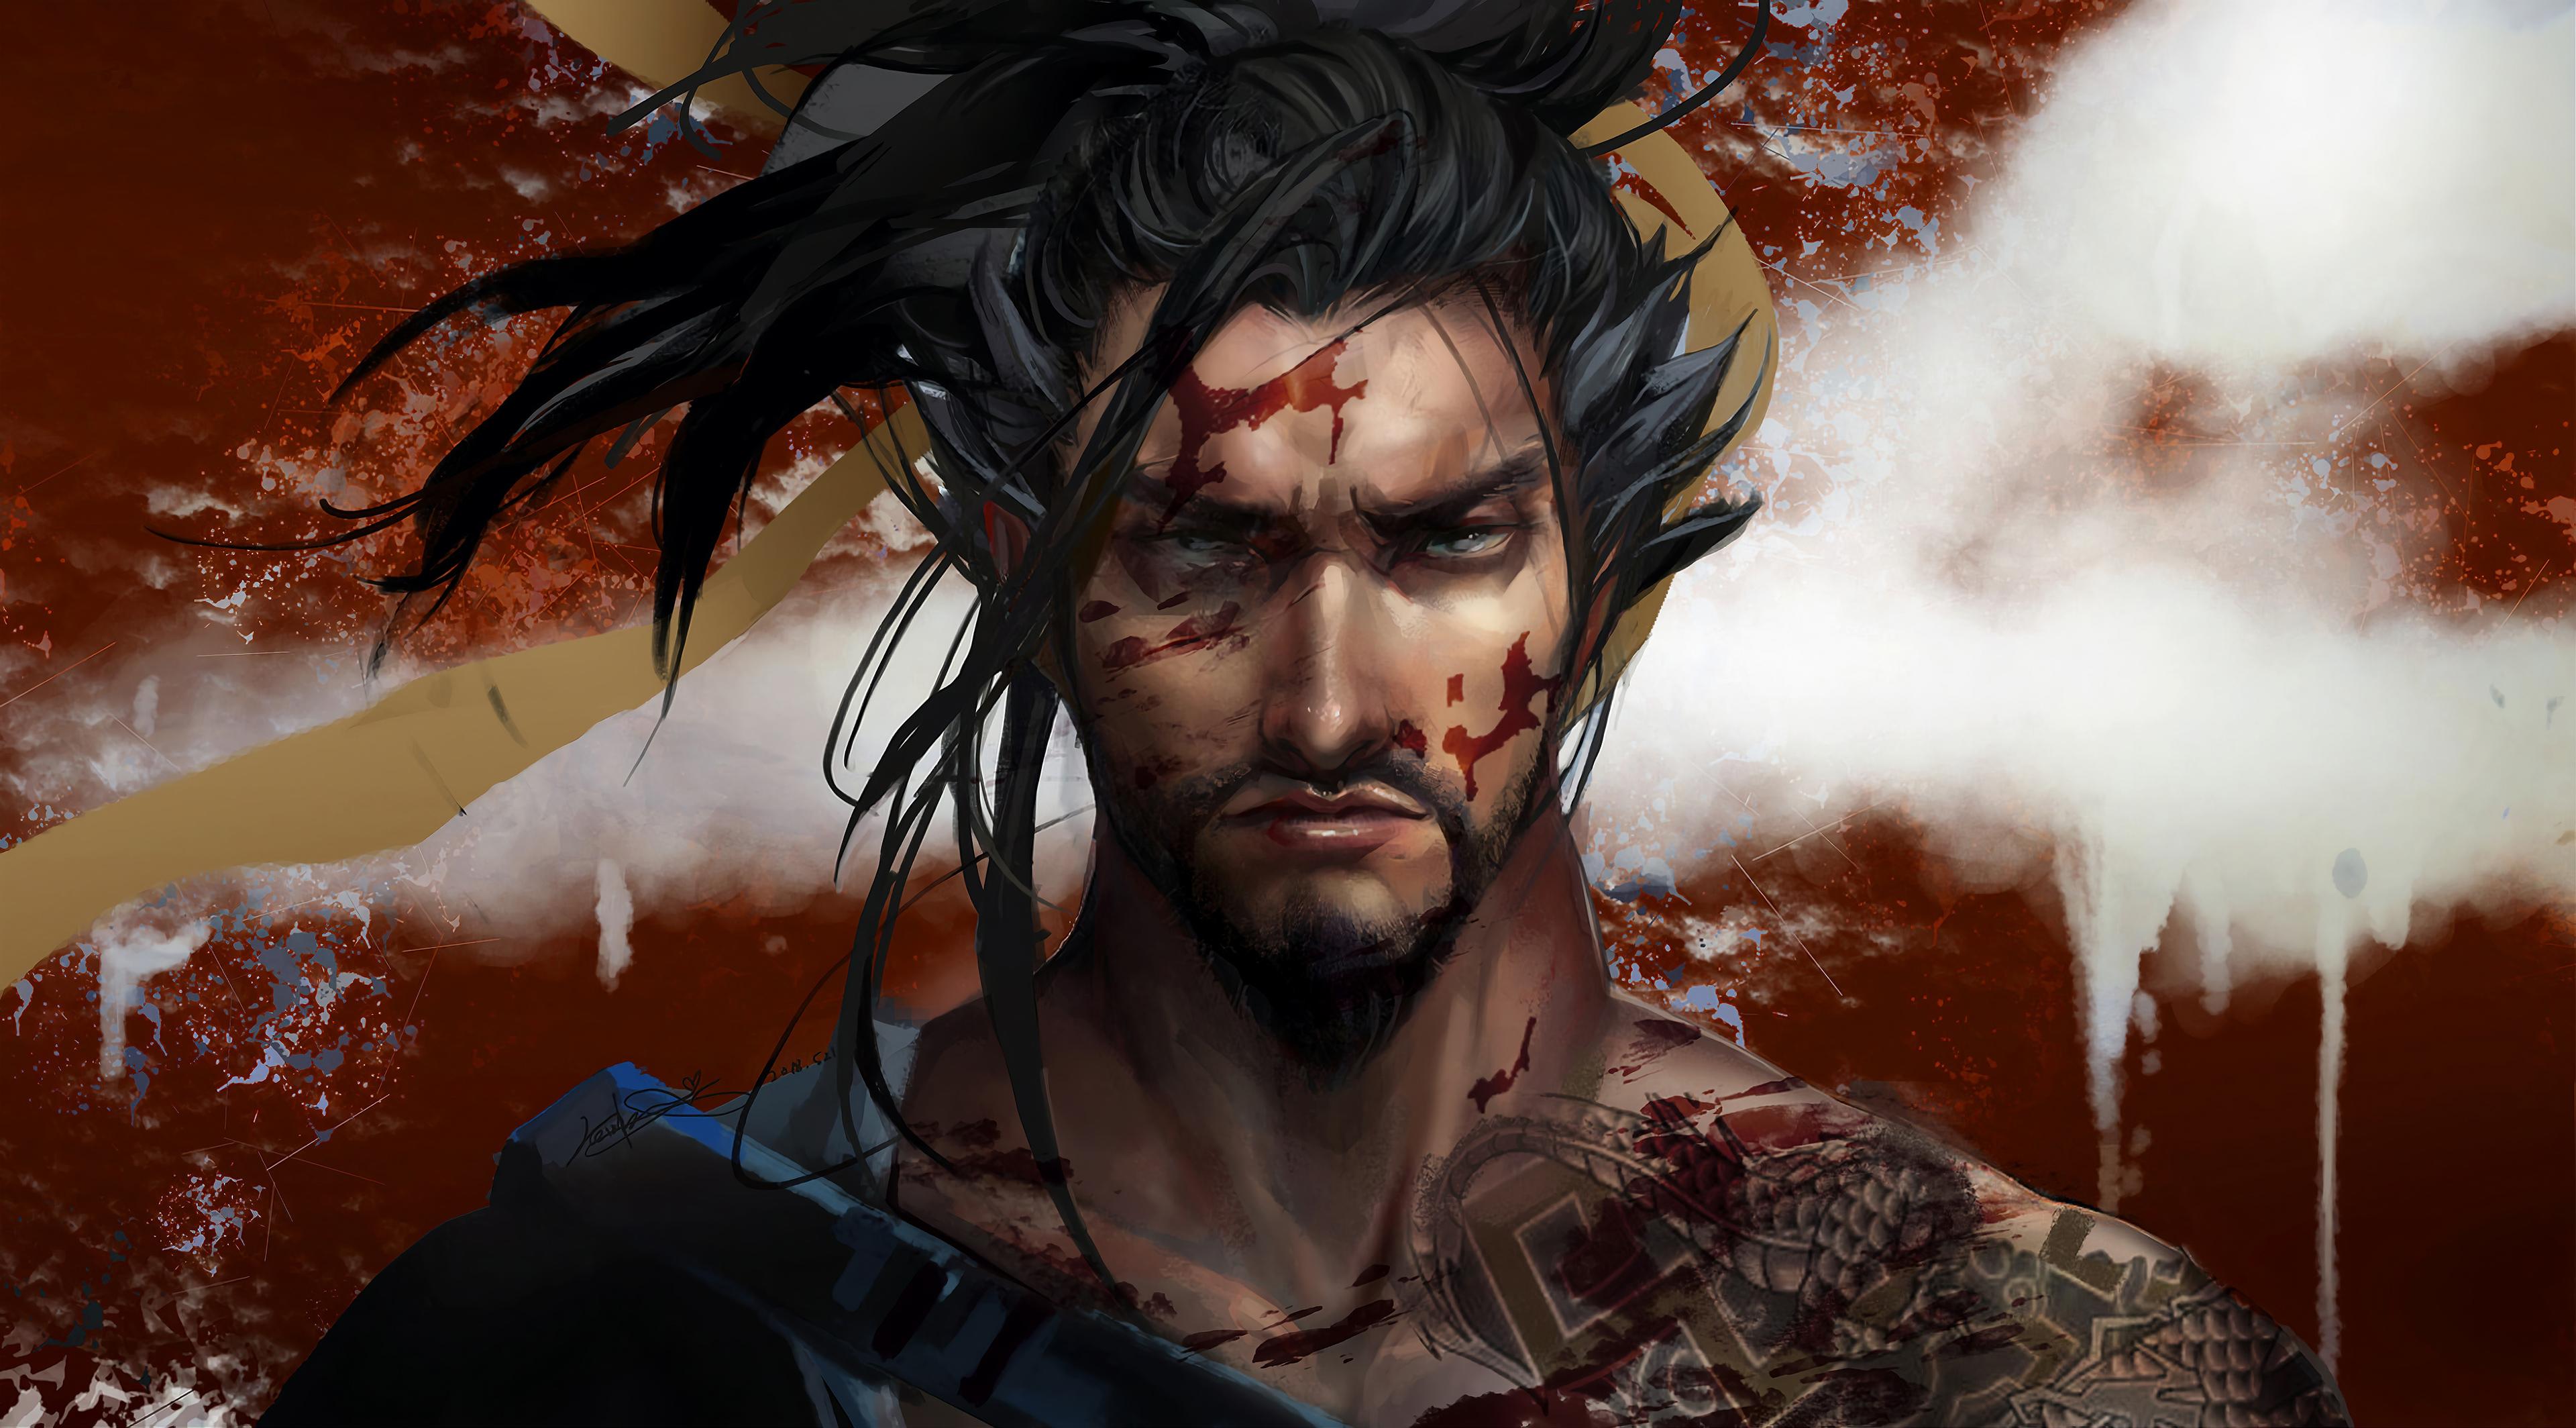 Hanzo Overwatch Art 4k, HD Games, 4k Wallpapers, Images ...